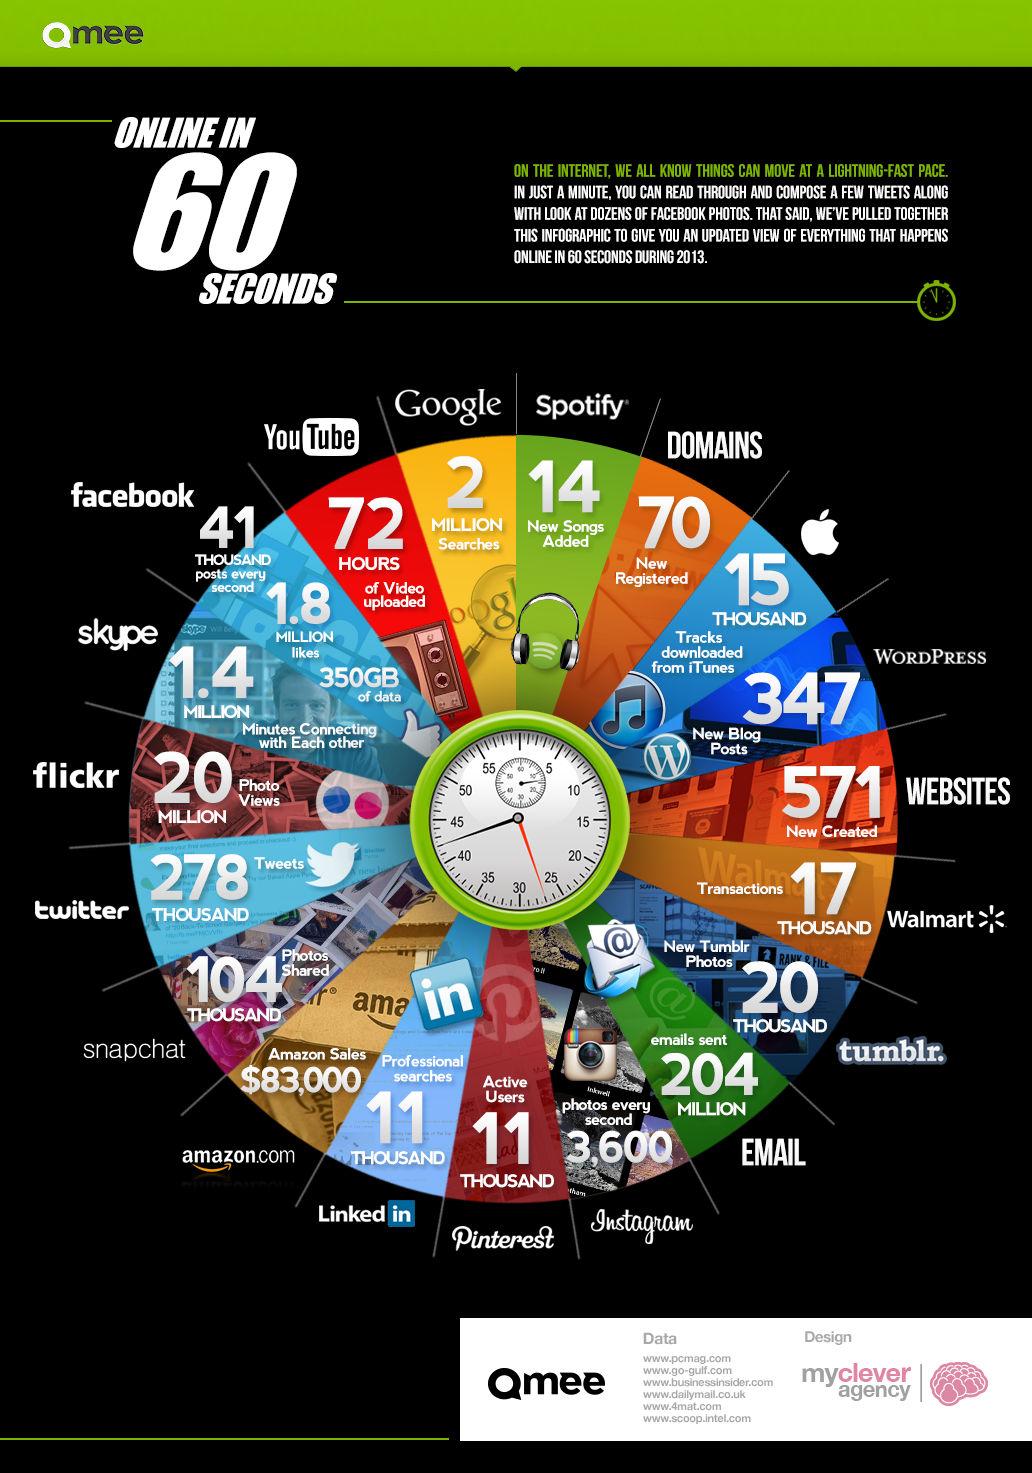 Online Activity in 60 Seconds